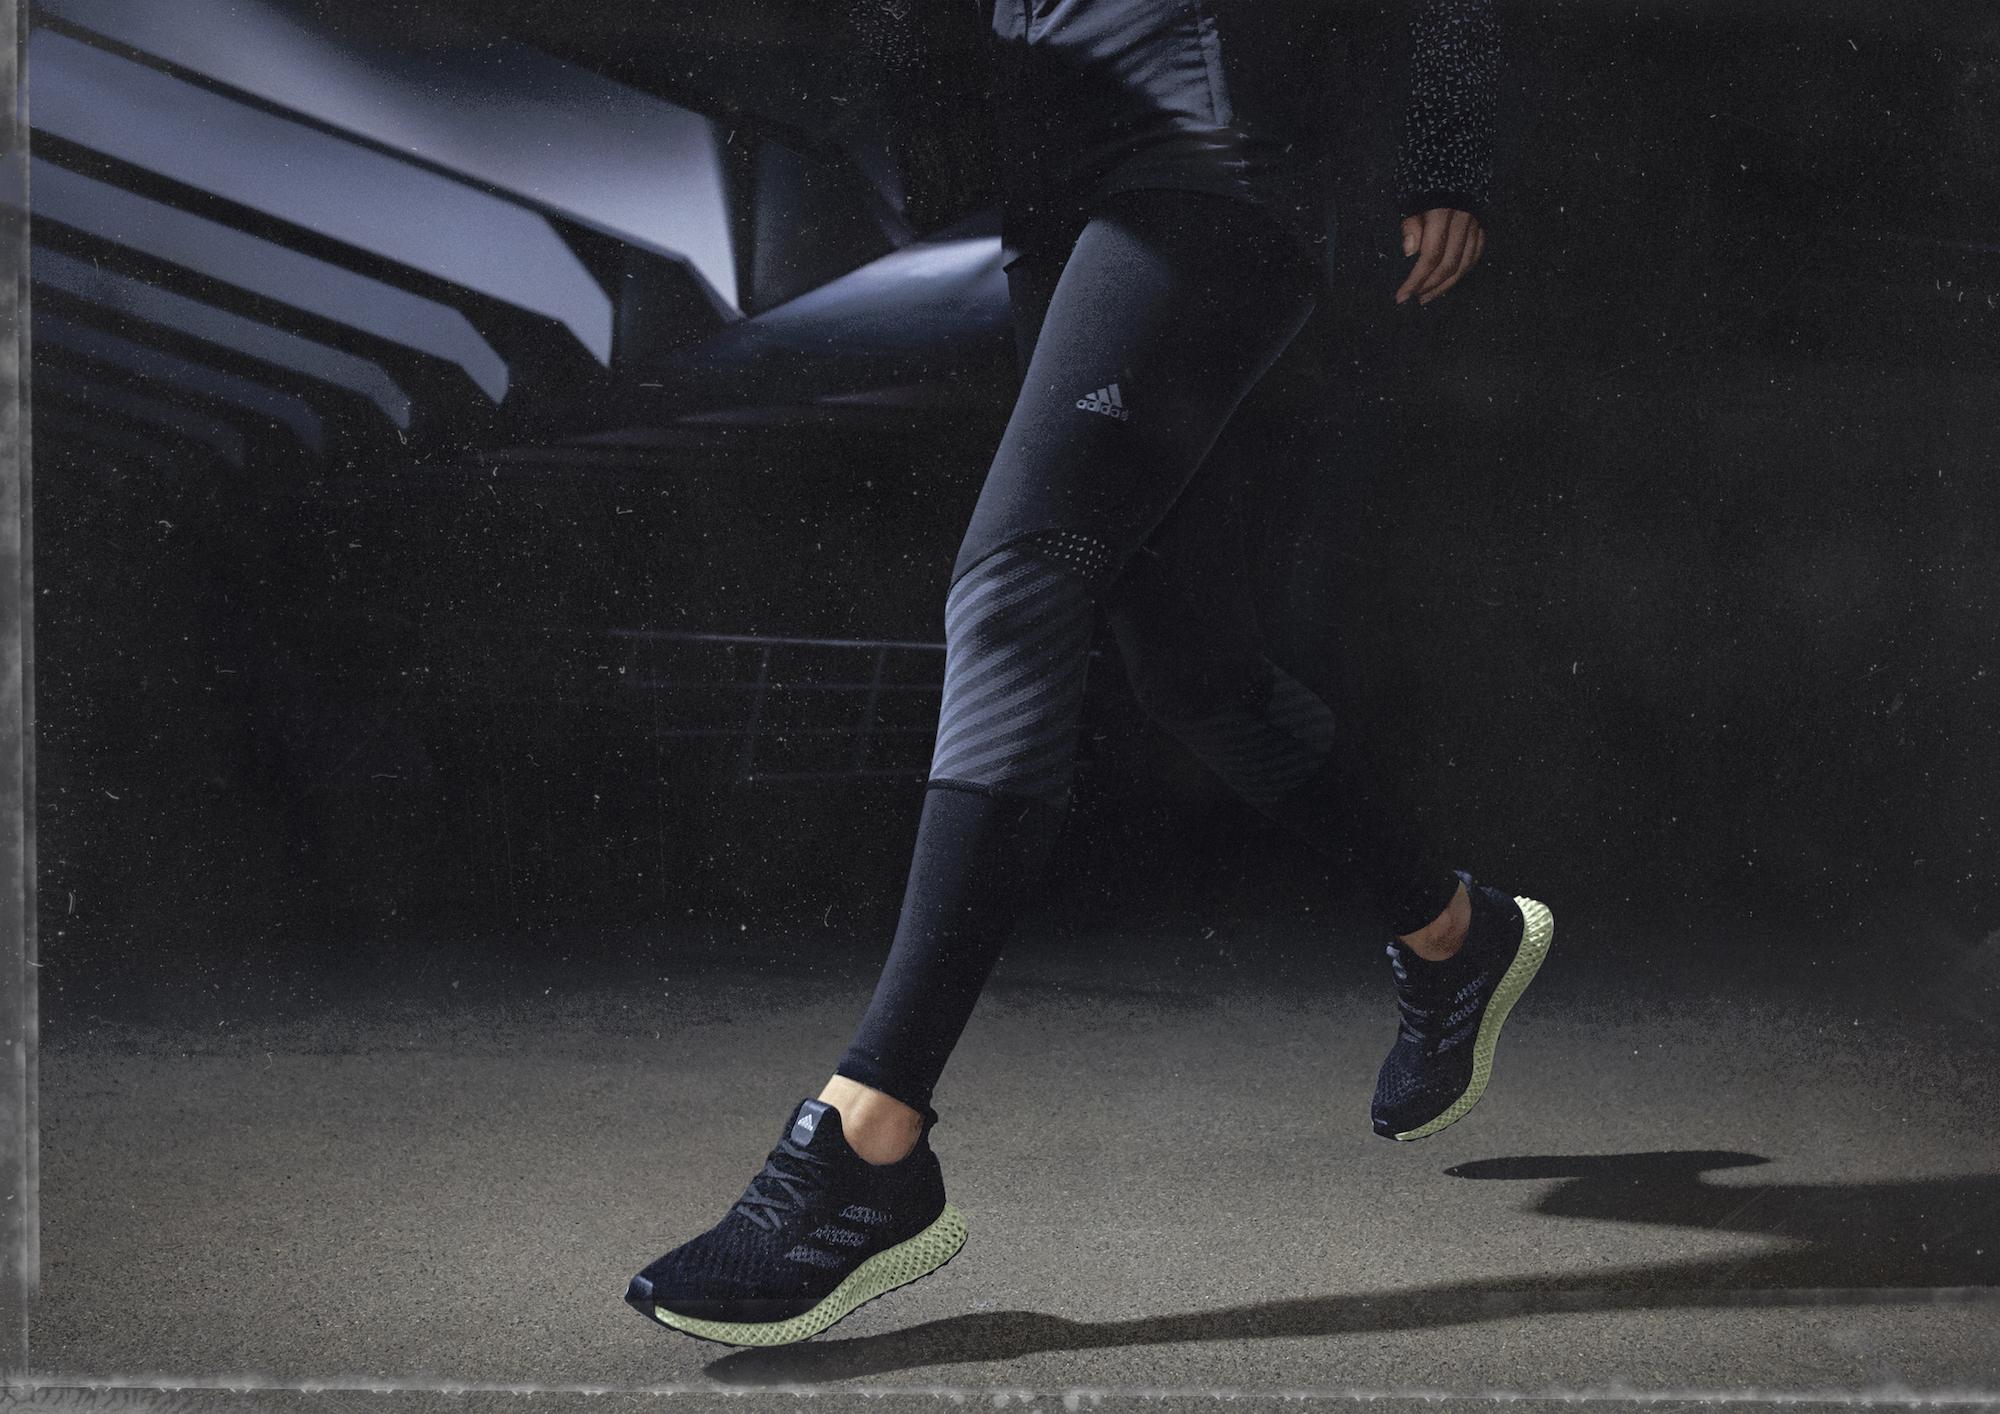 adidas Futurecraft 4D official 3